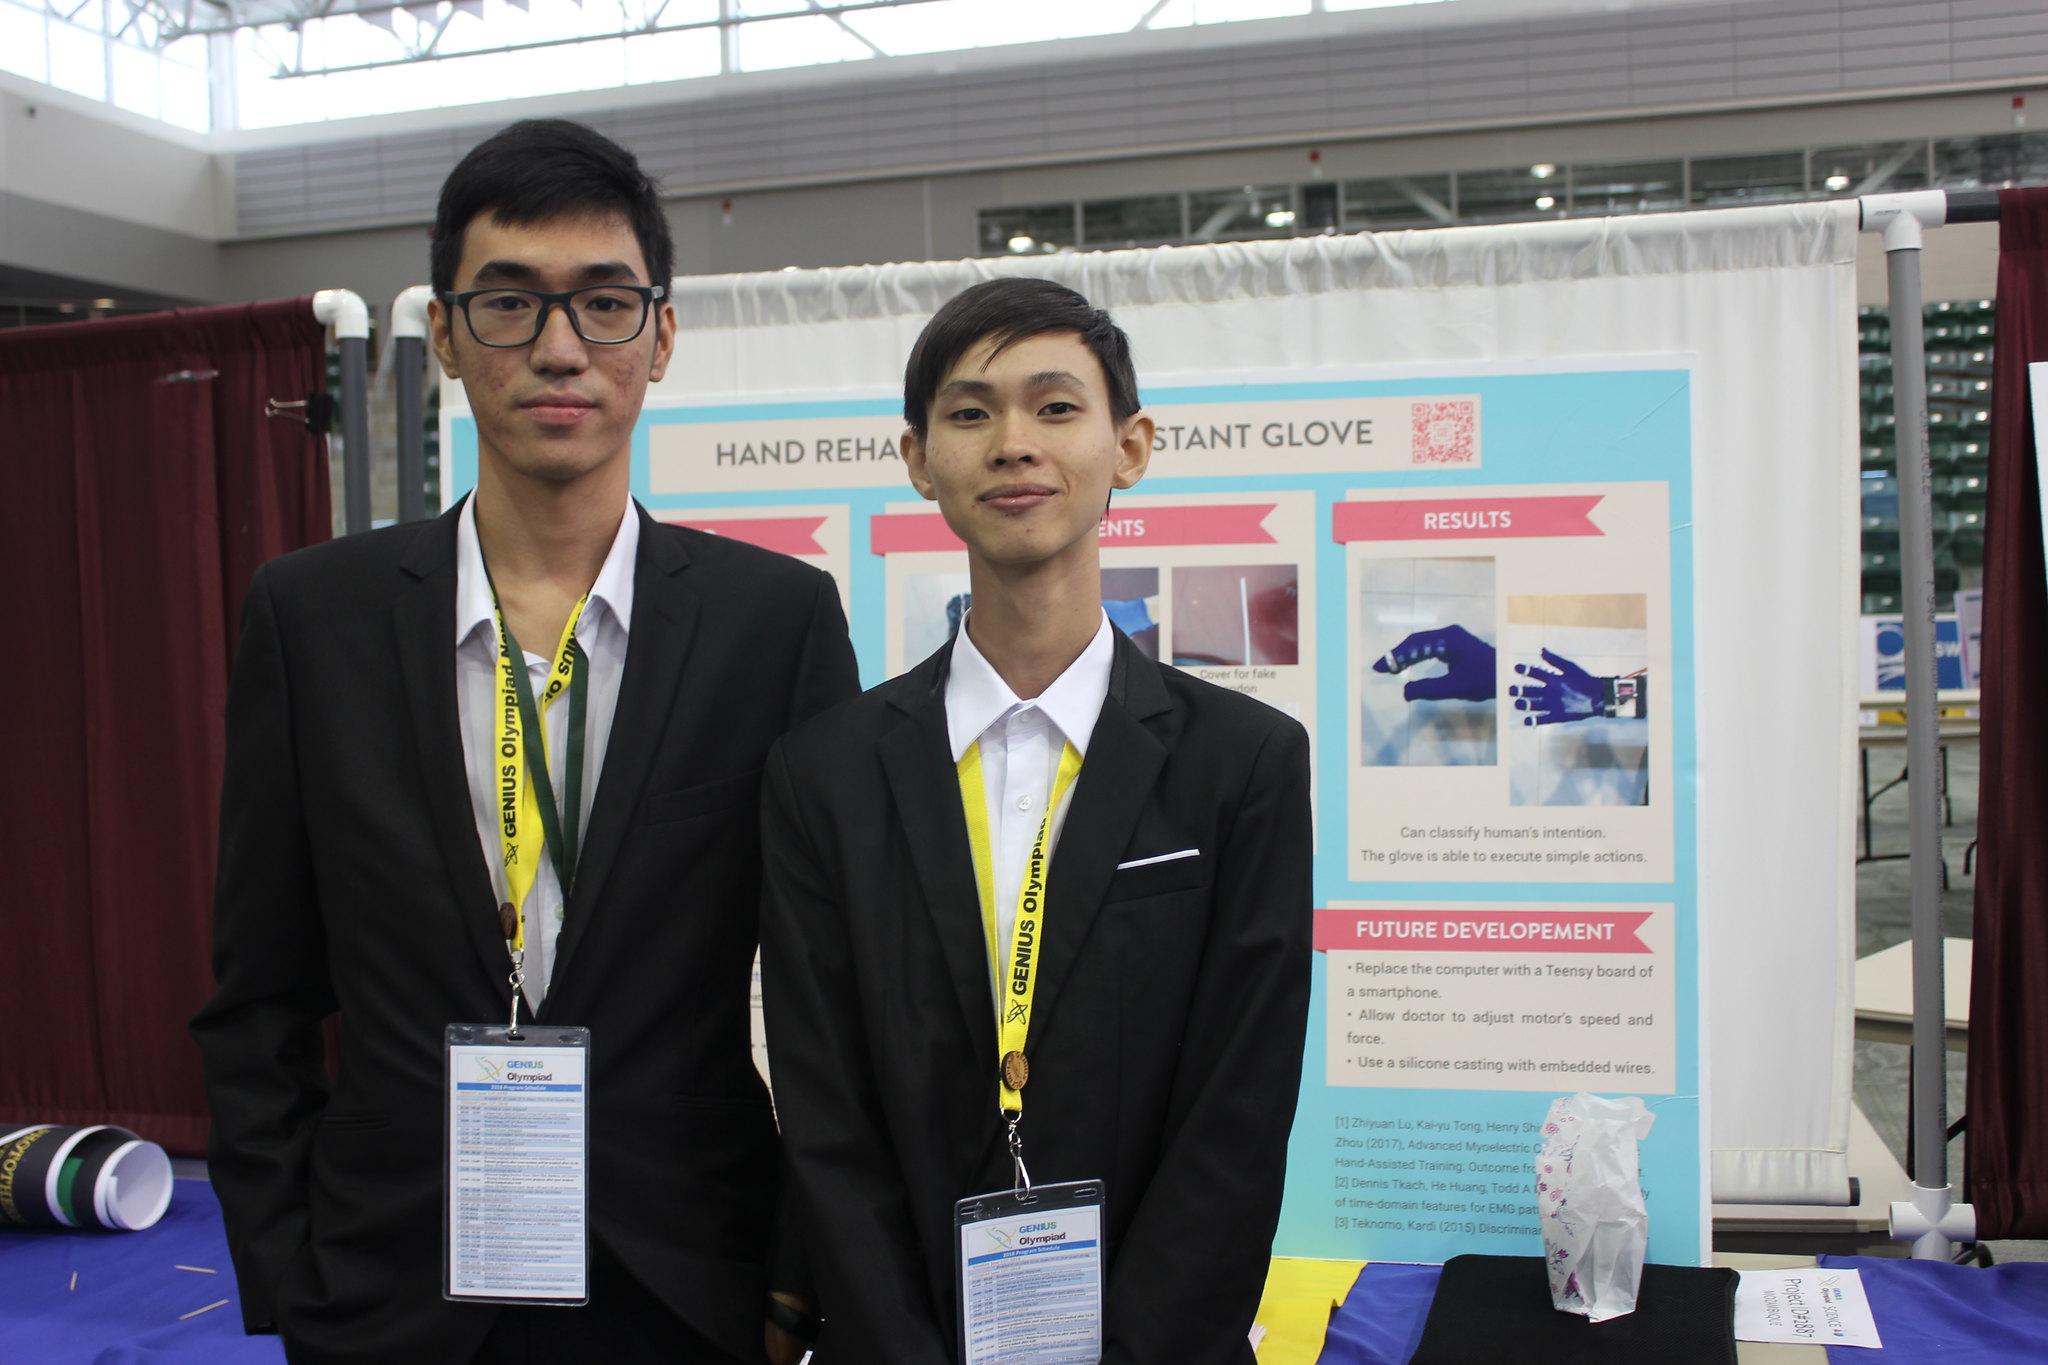 Le Xuan Trần Flickr